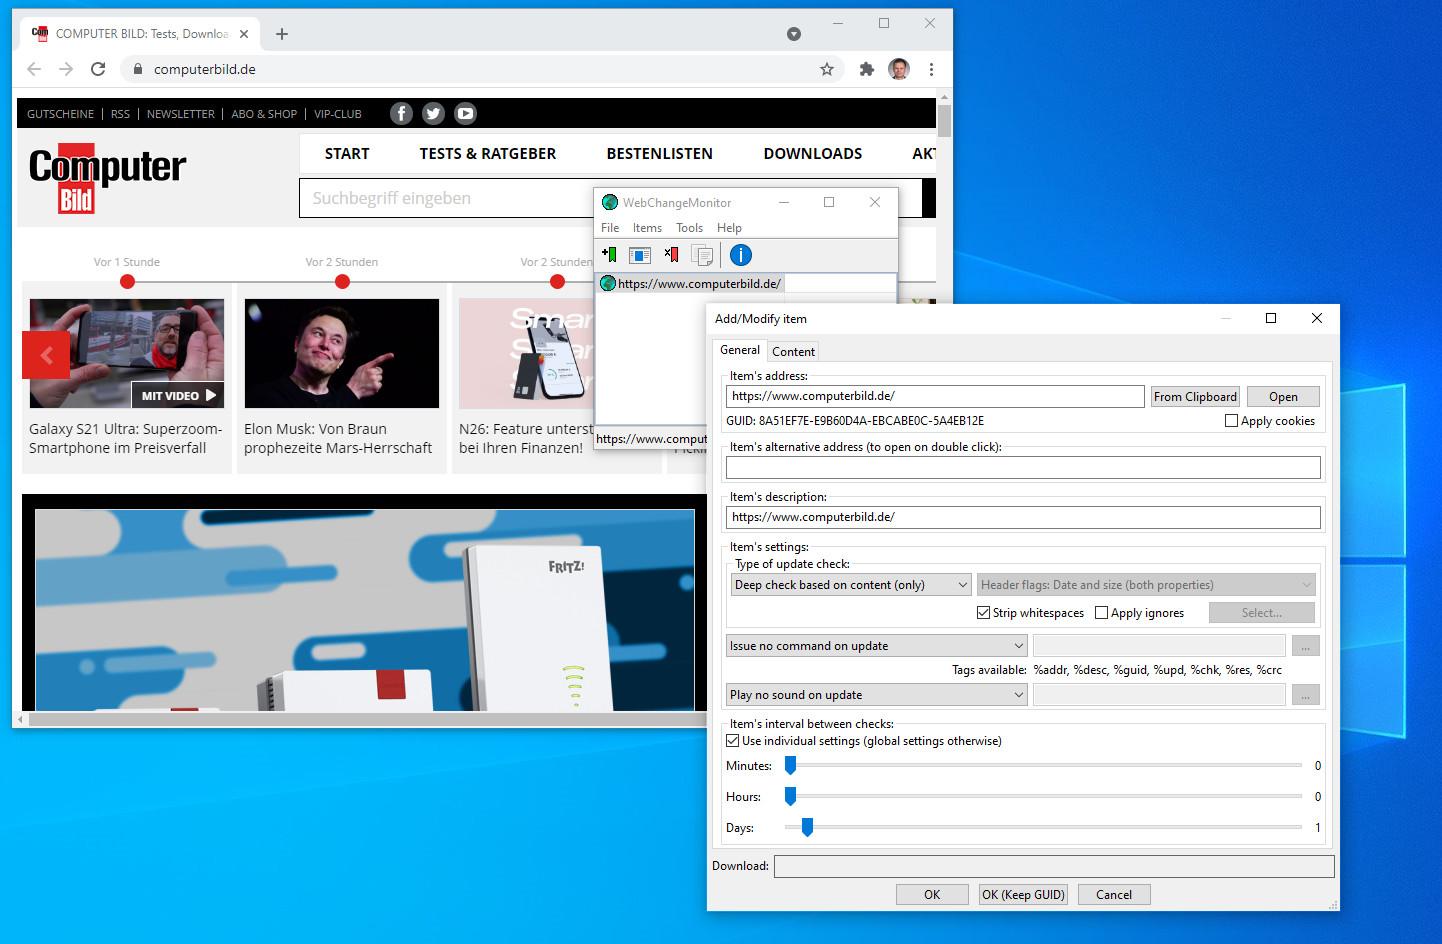 Screenshot 1 - WebChangeMonitor